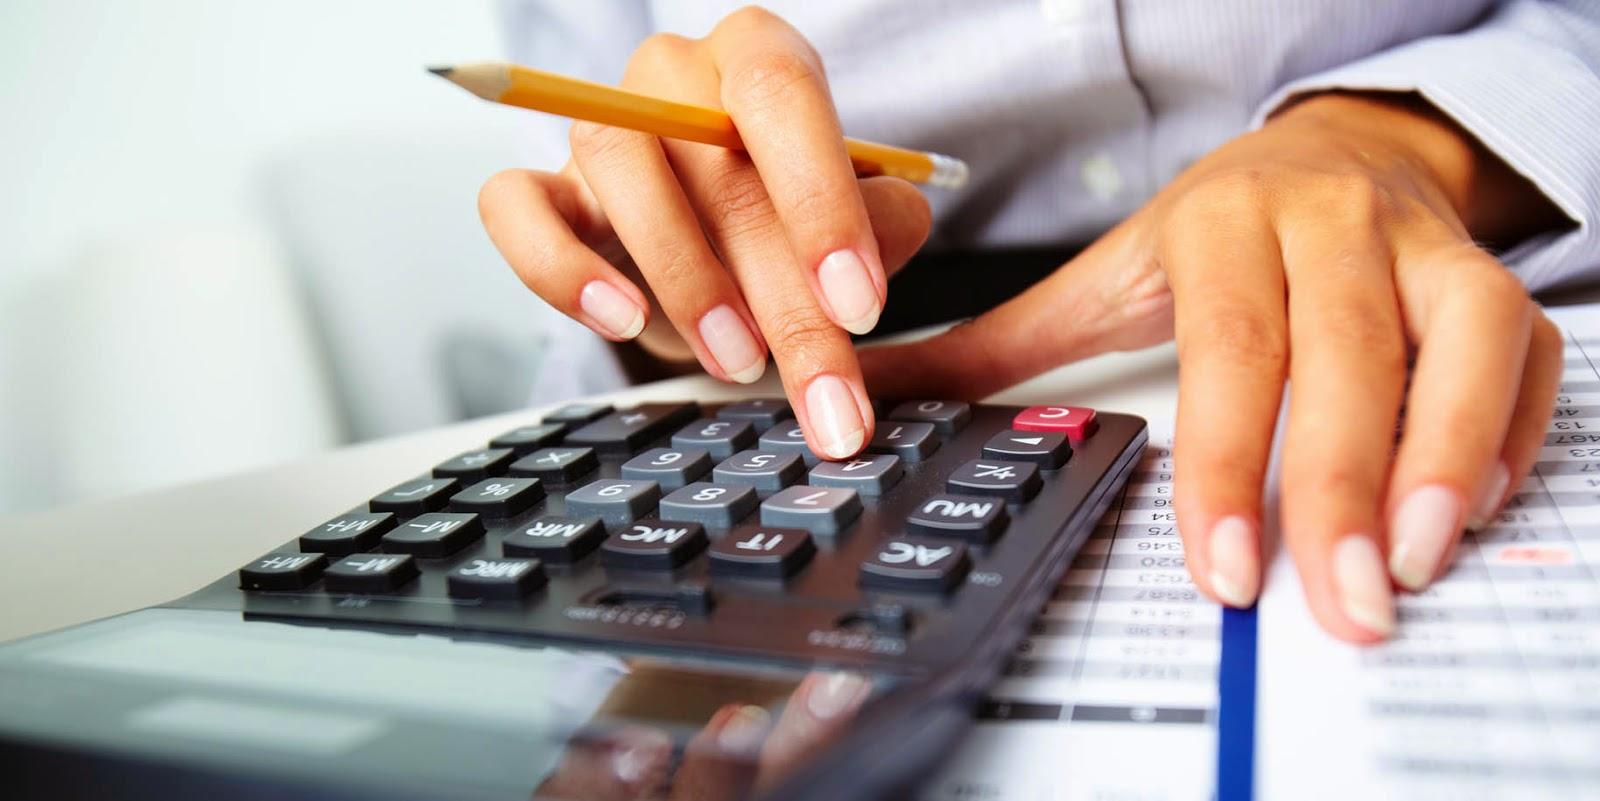 Thành lập doanh nghiệp kinh doanh dịch vụ kế toán